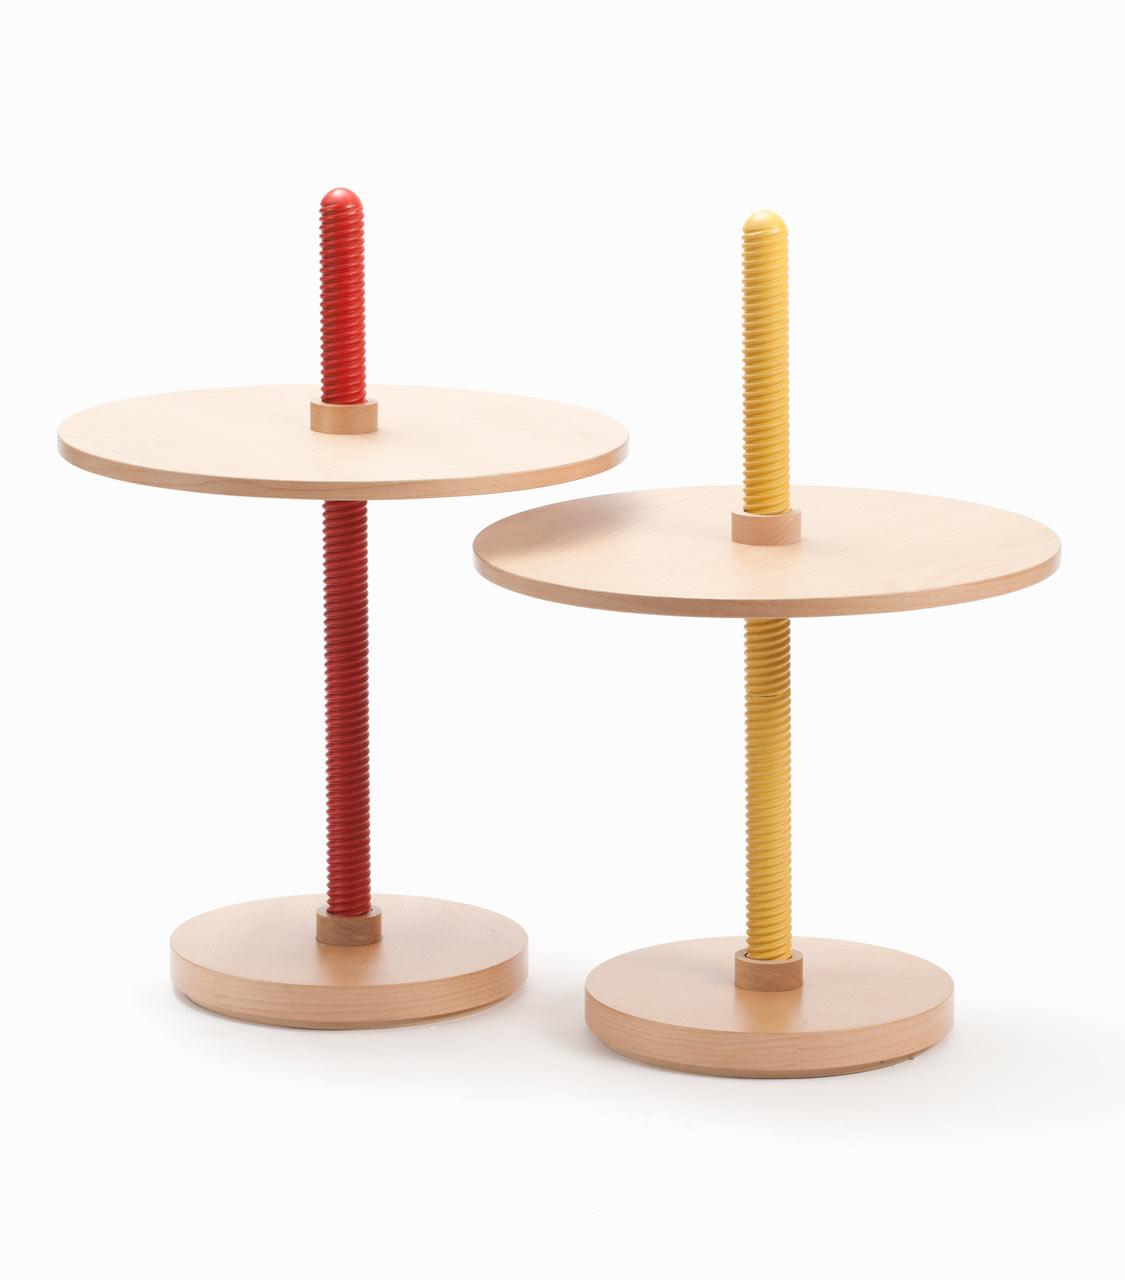 Screw-Like Furniture by Carlo Contin